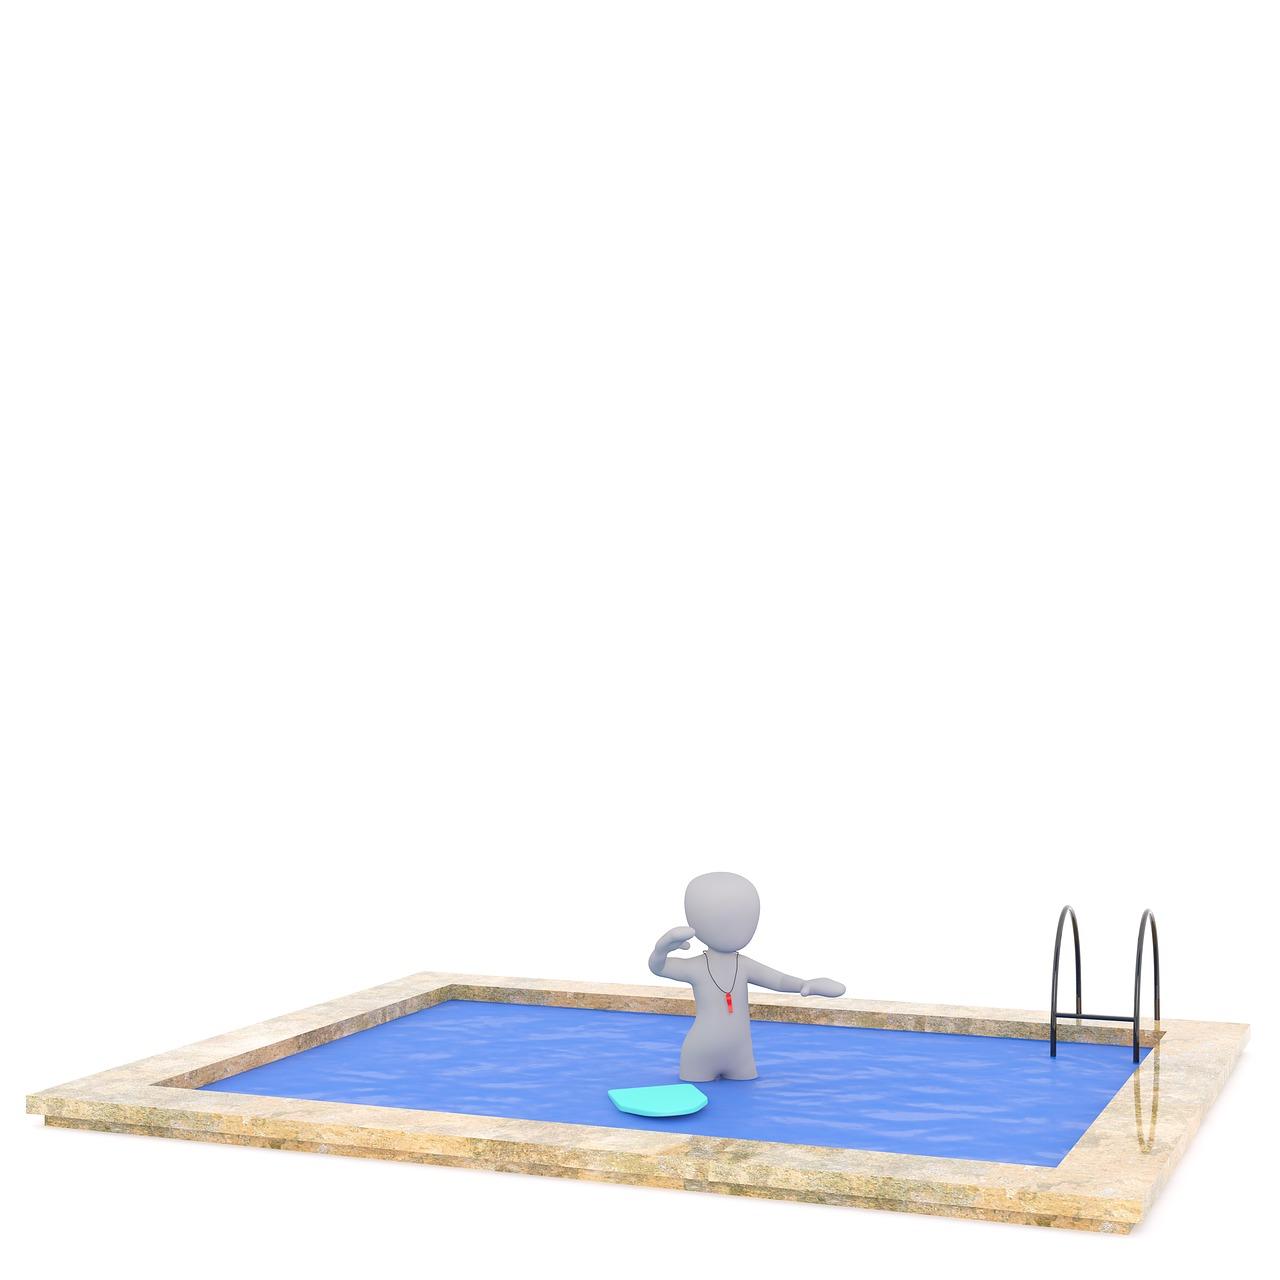 Wie kann eine Gartendusche helfen, den Pool sauber zu halten?